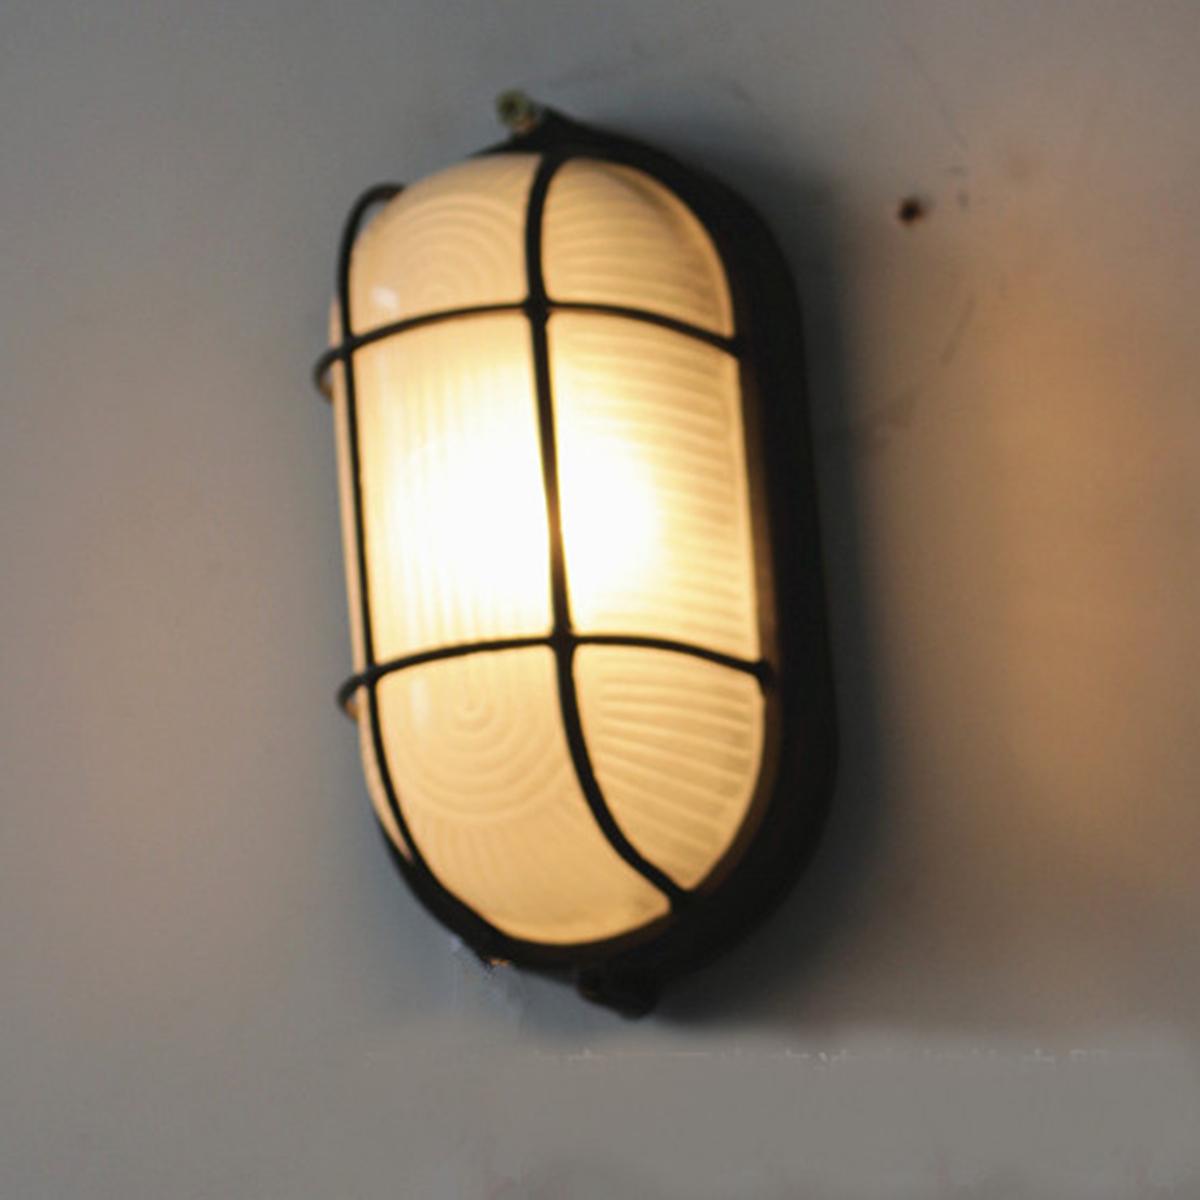 Garden-Metal-Wall-Light-Sconce-Lamp-Fixture-Outdoor-Indoor-Porch-Exterior-Decor